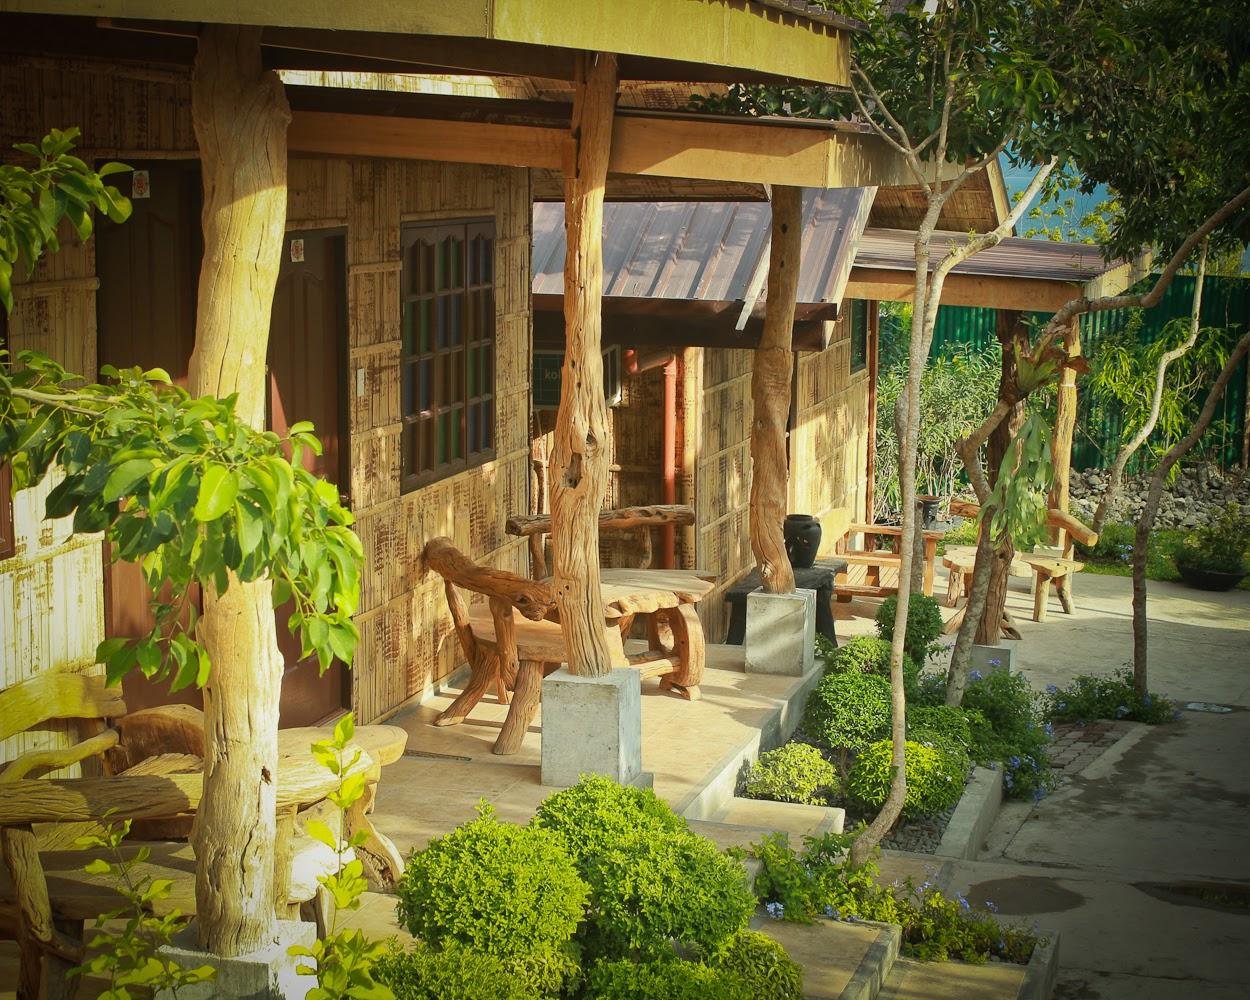 The amazing Sarangani Highlands Garden | My Megapixel Story